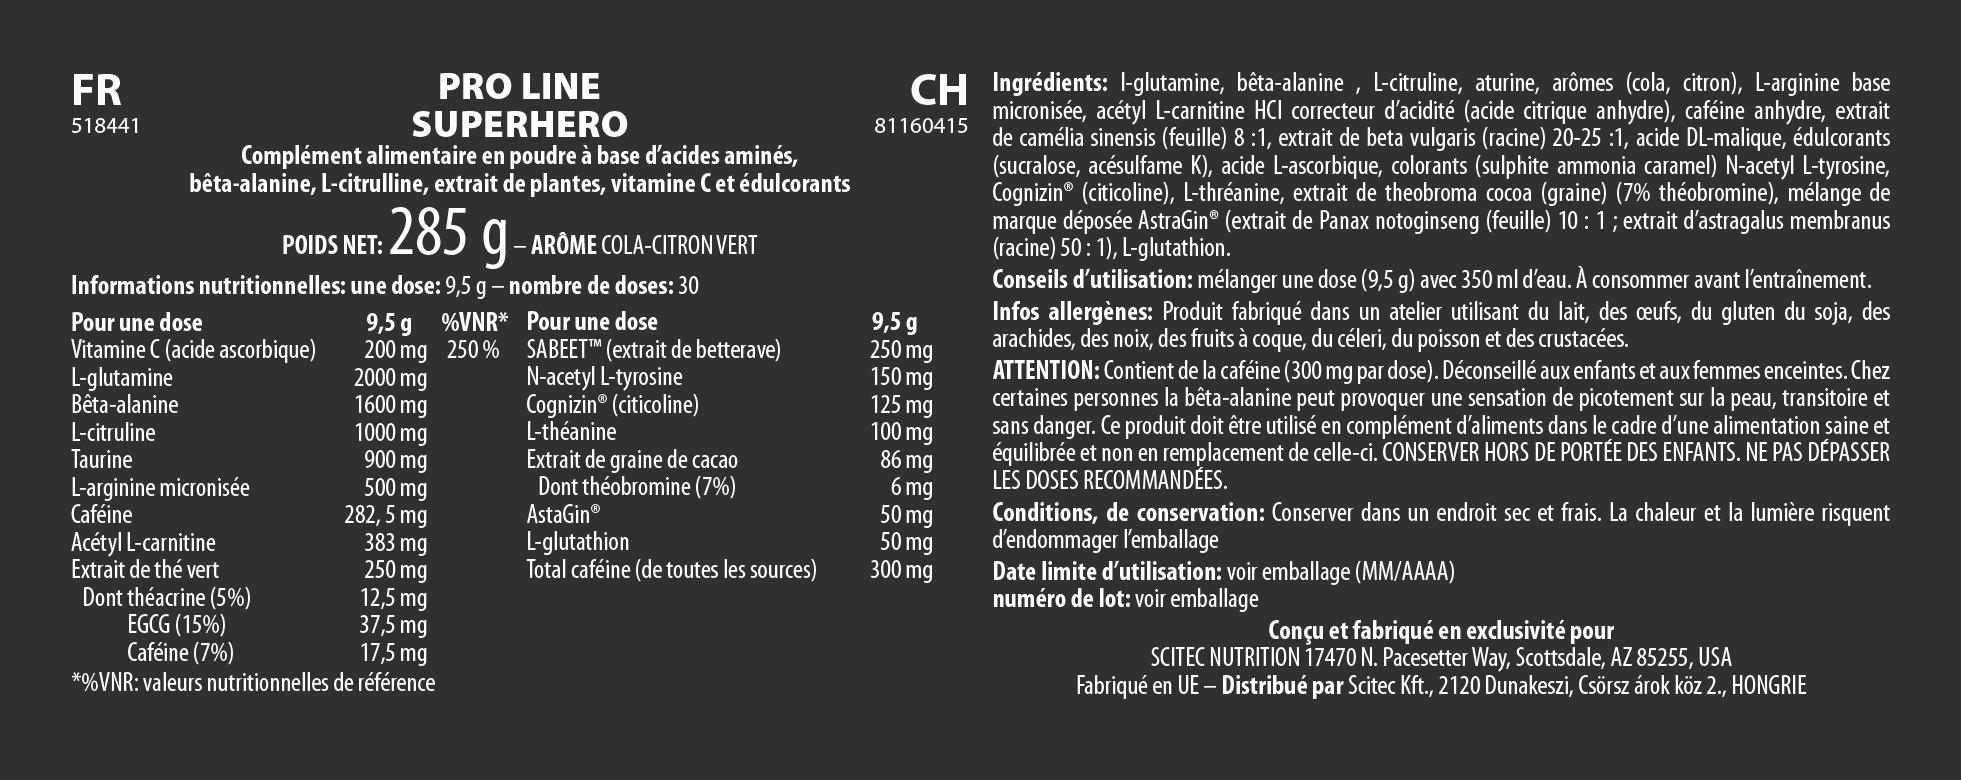 Informations nutritionnelles Superhero de Scitec Pro Line